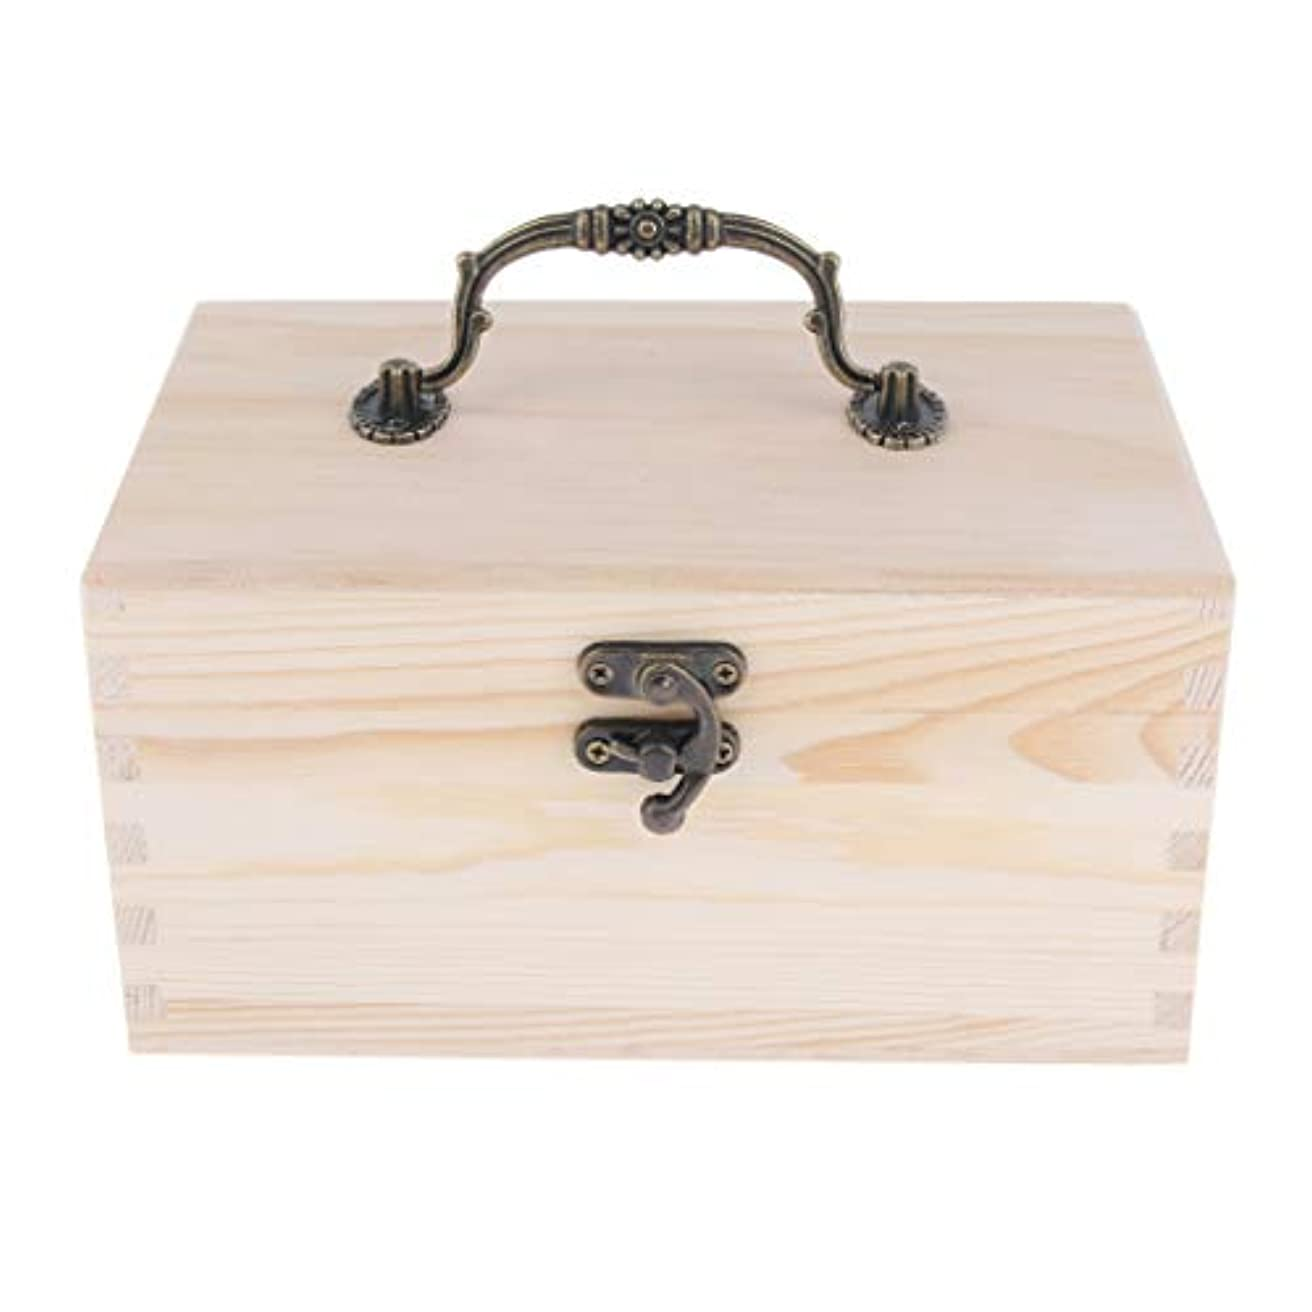 寝具ジレンマジレンマエッセンシャルオイルケース ディスプレイホルダー 15仕切り キャリーケース 収納ボックス